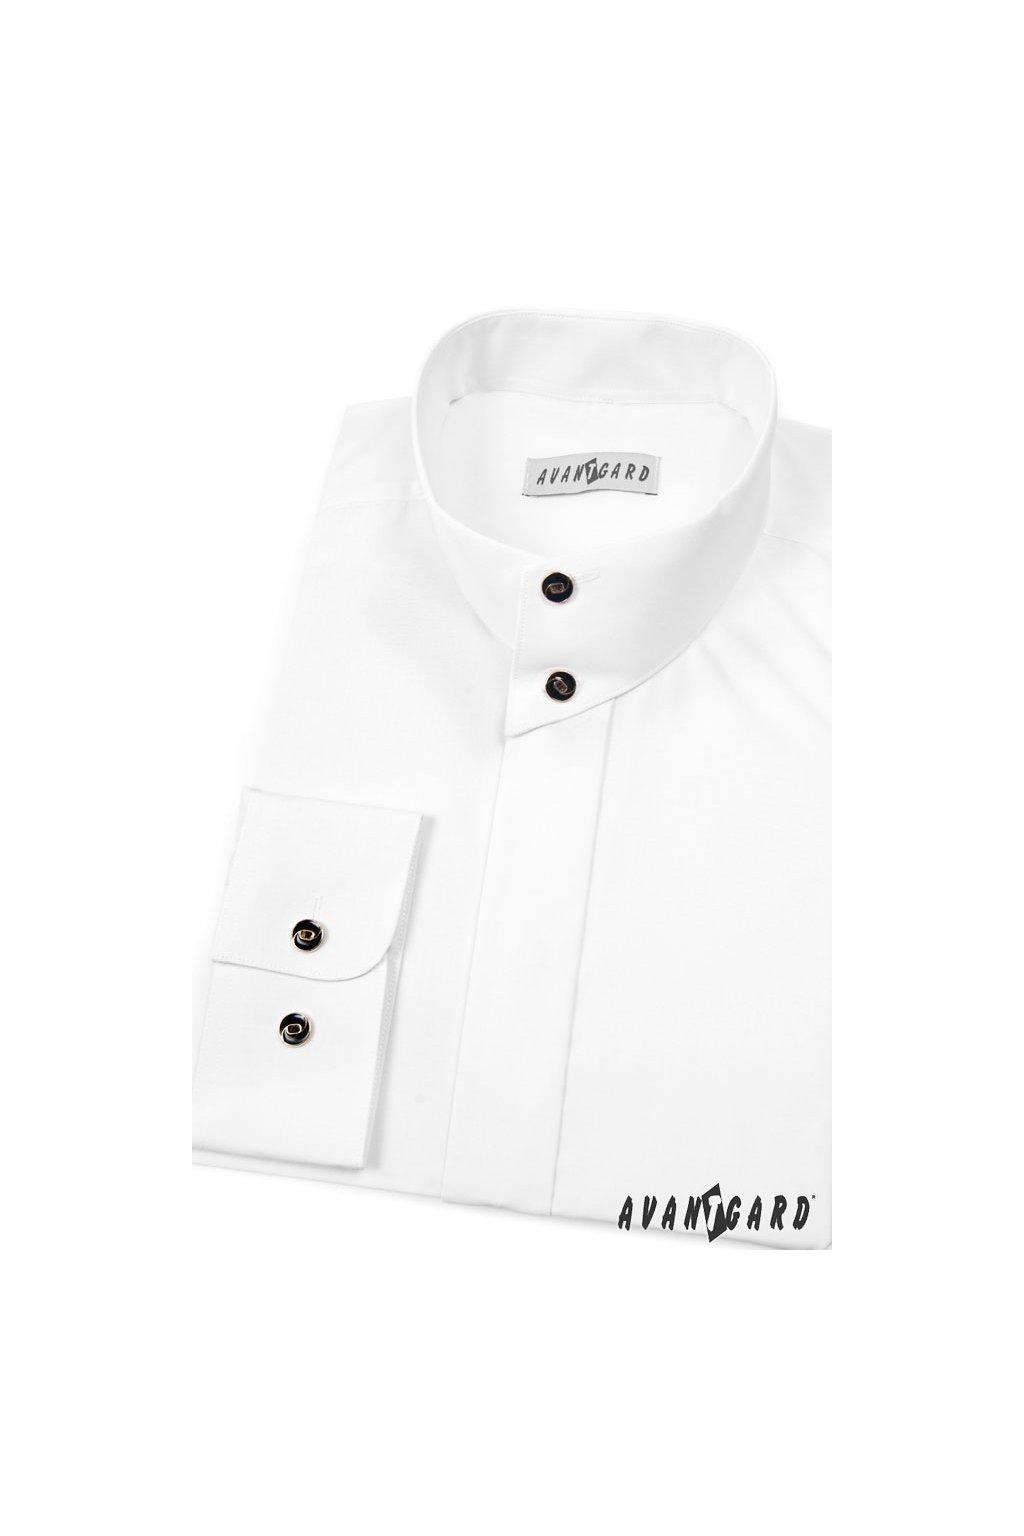 Pánská košile se stojáčkem na 2 knoflíky, dl.rukáv v1-bílá 452 - 1